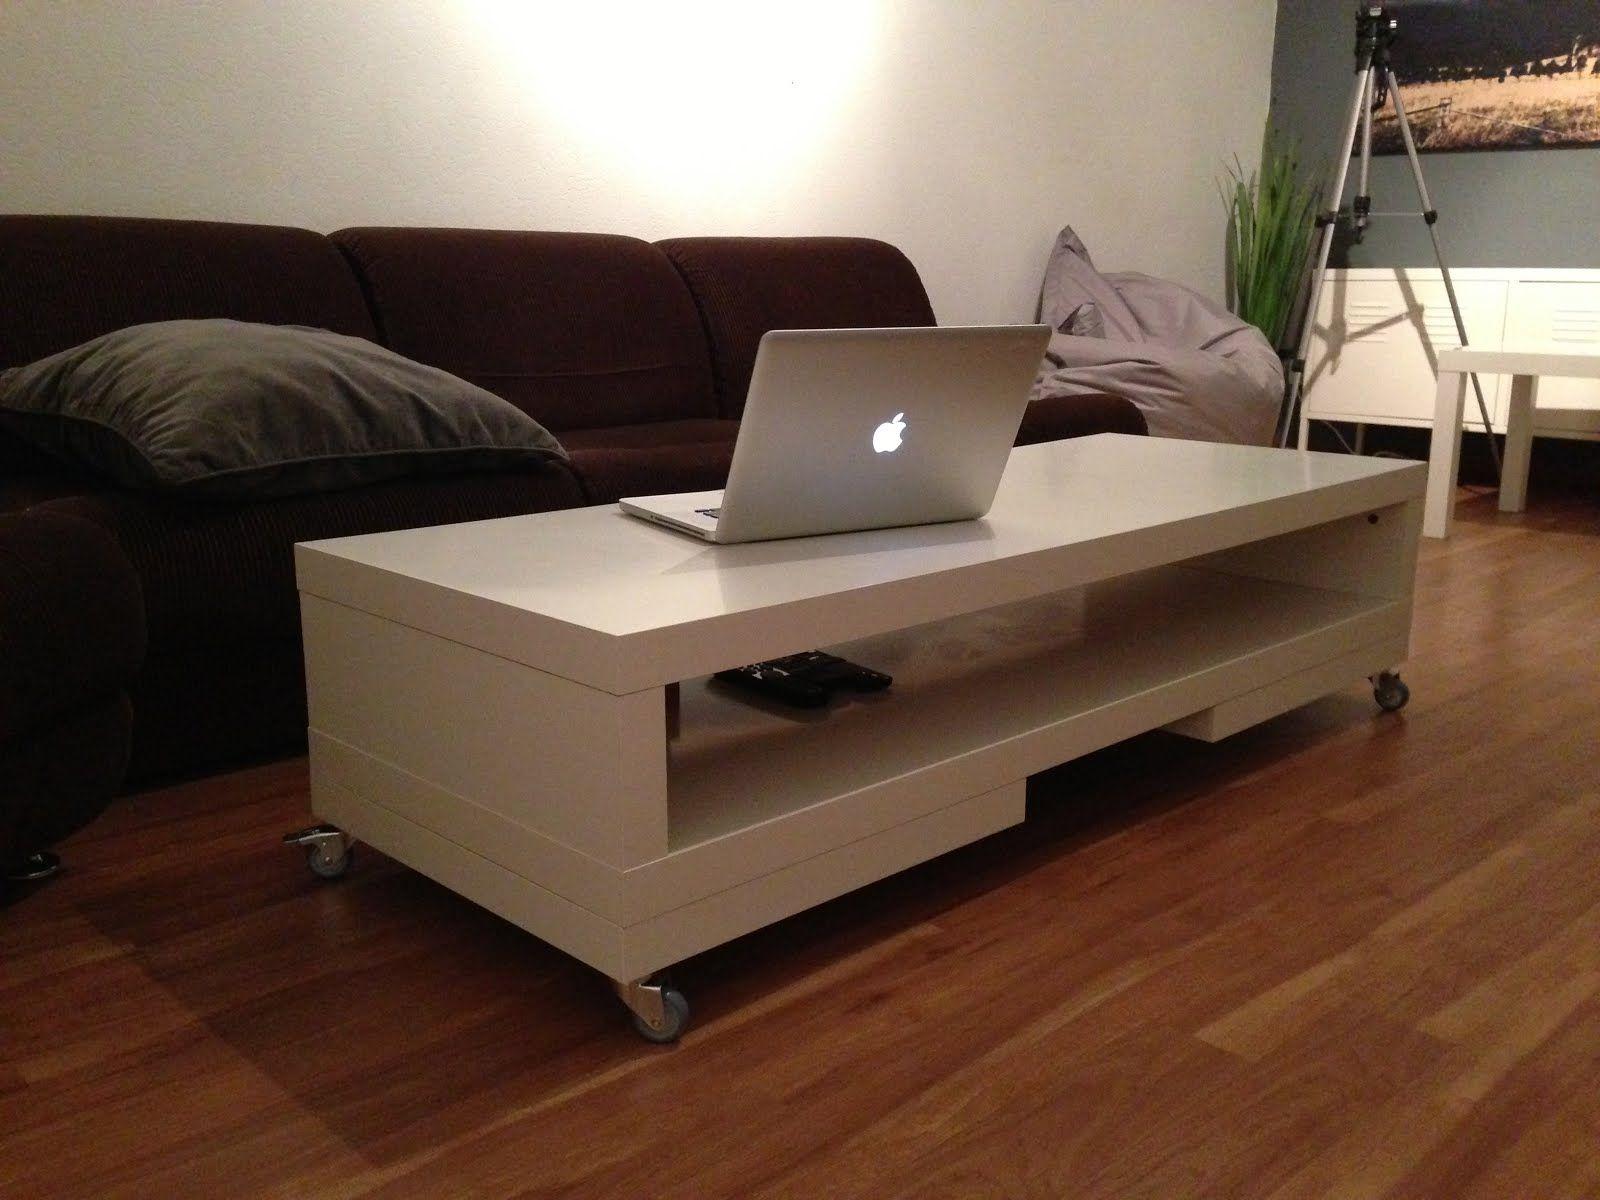 IKEA Lack Couchtisch Fr Wohnzimmer